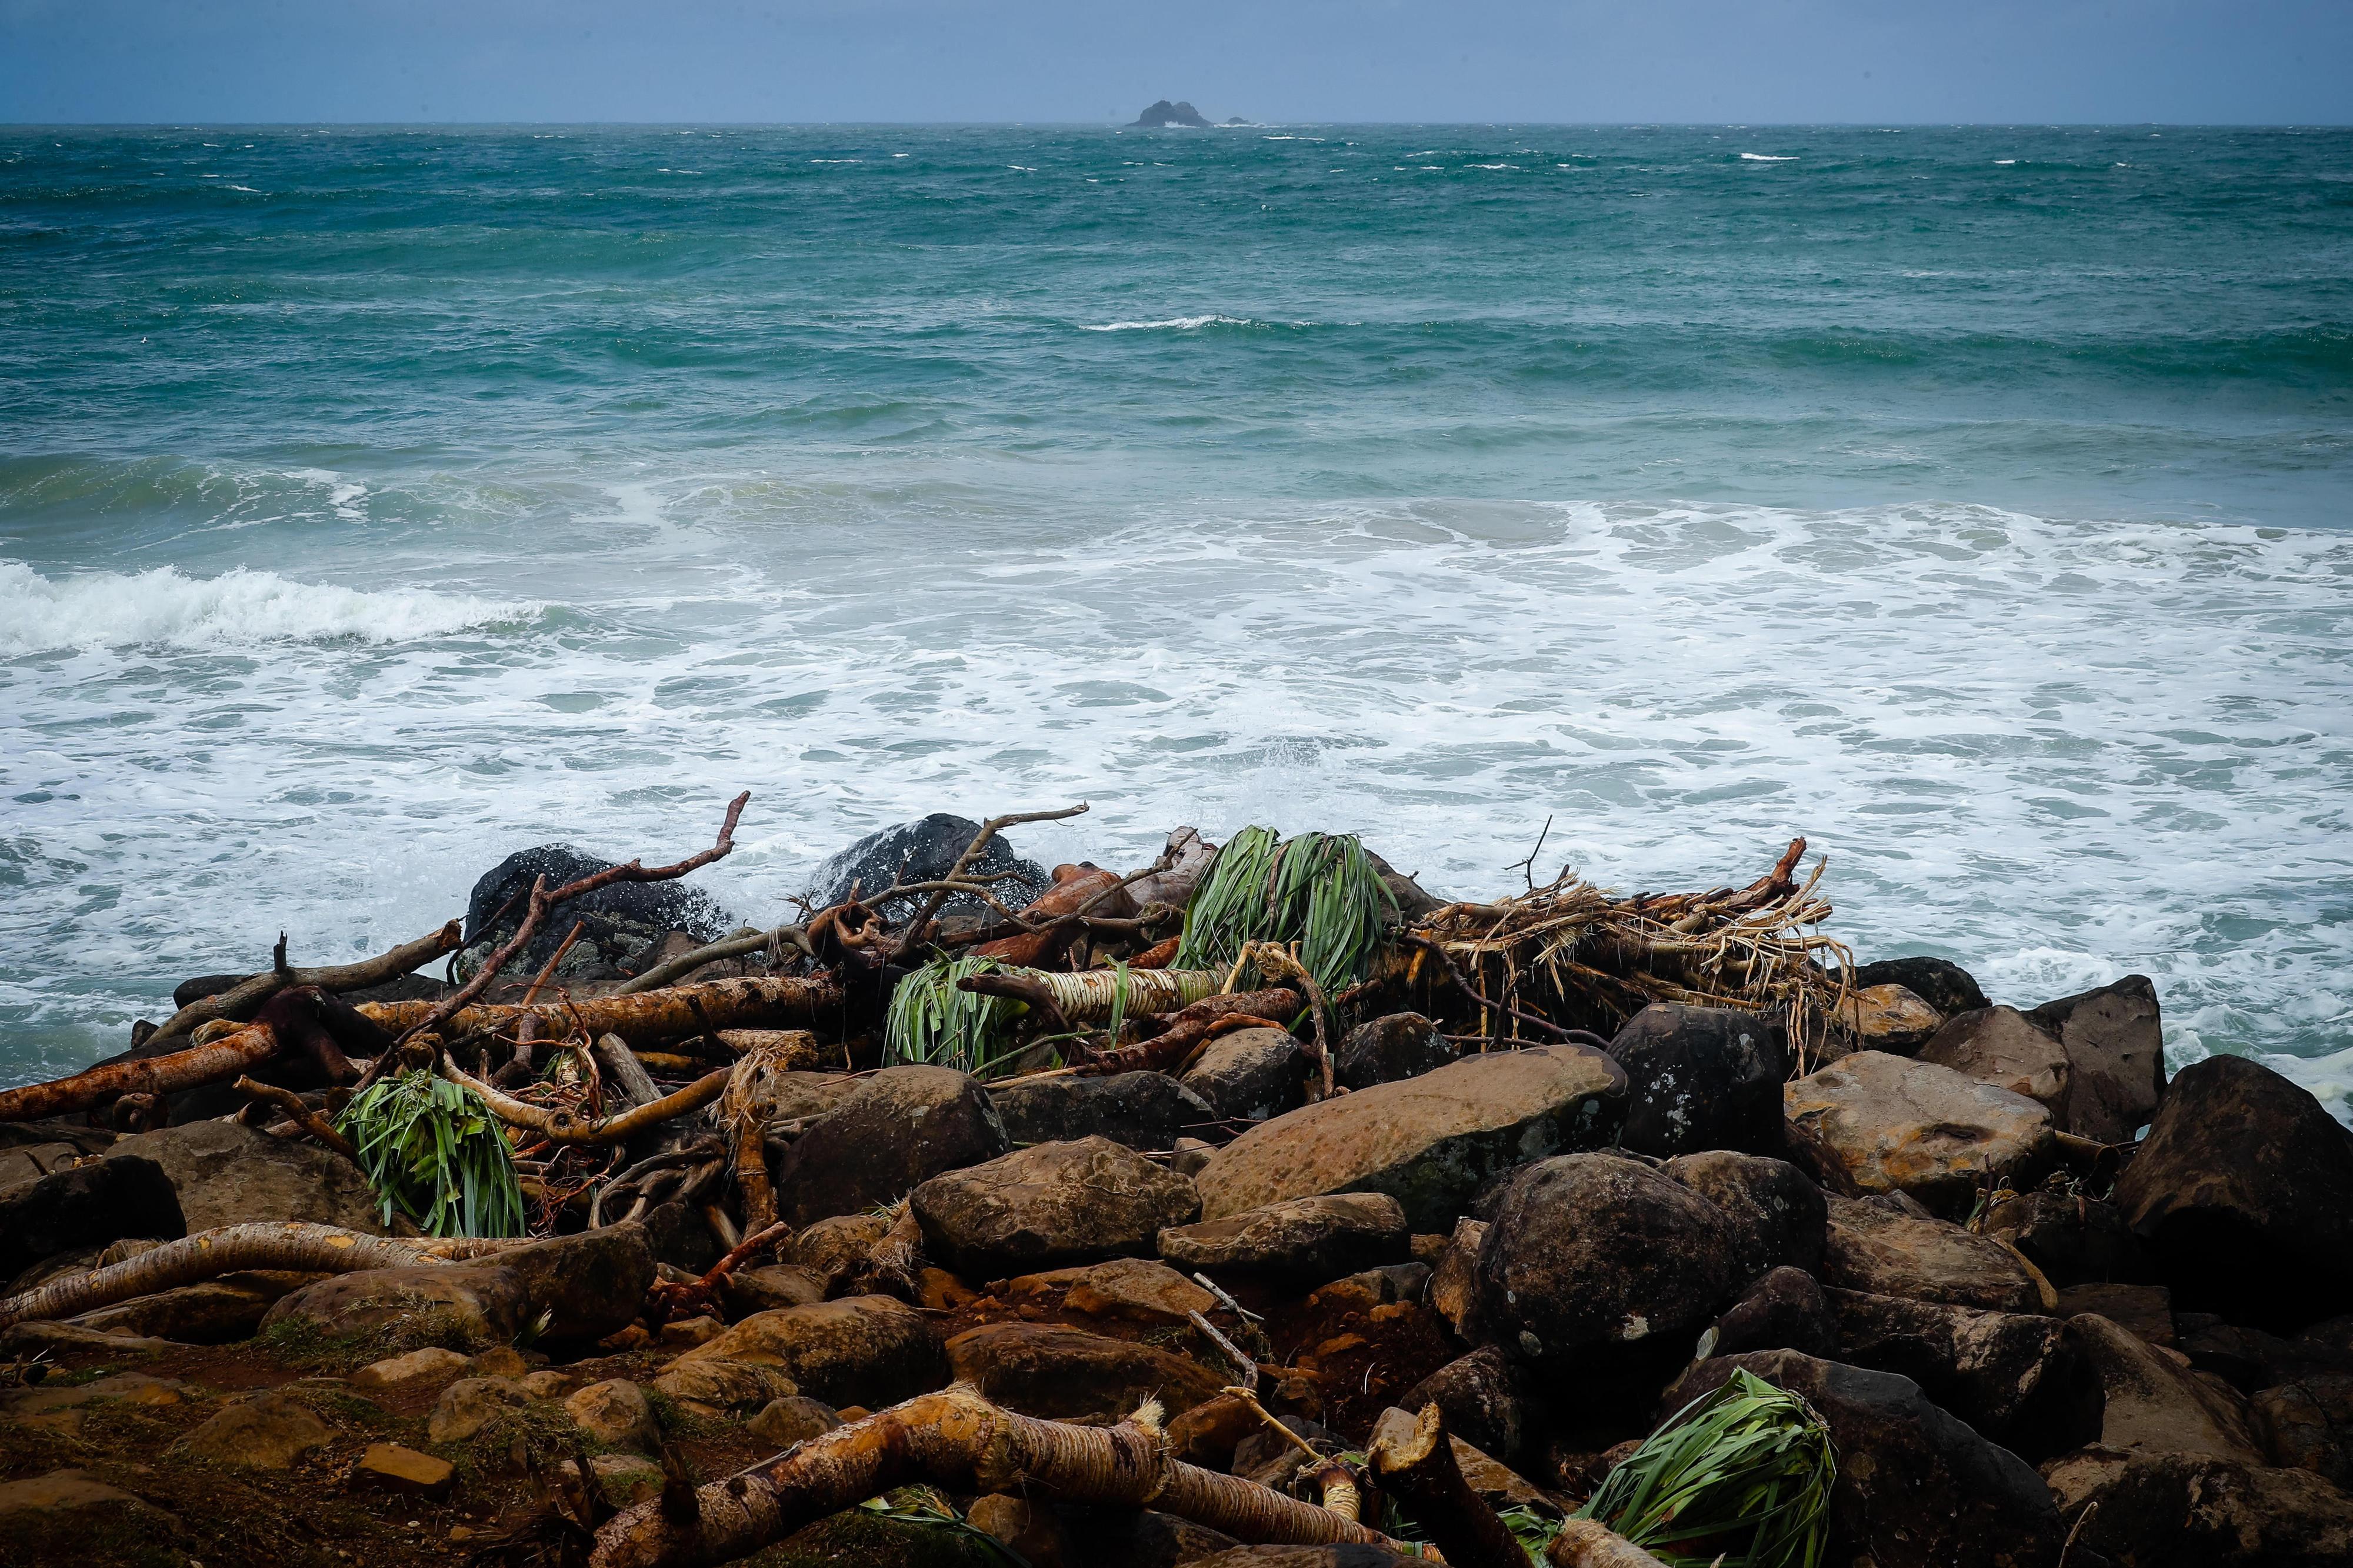 Az óceánparton került elő az eltűnt, csalással vádolt pénzügyi tanácsadó egyik lába Ausztráliában